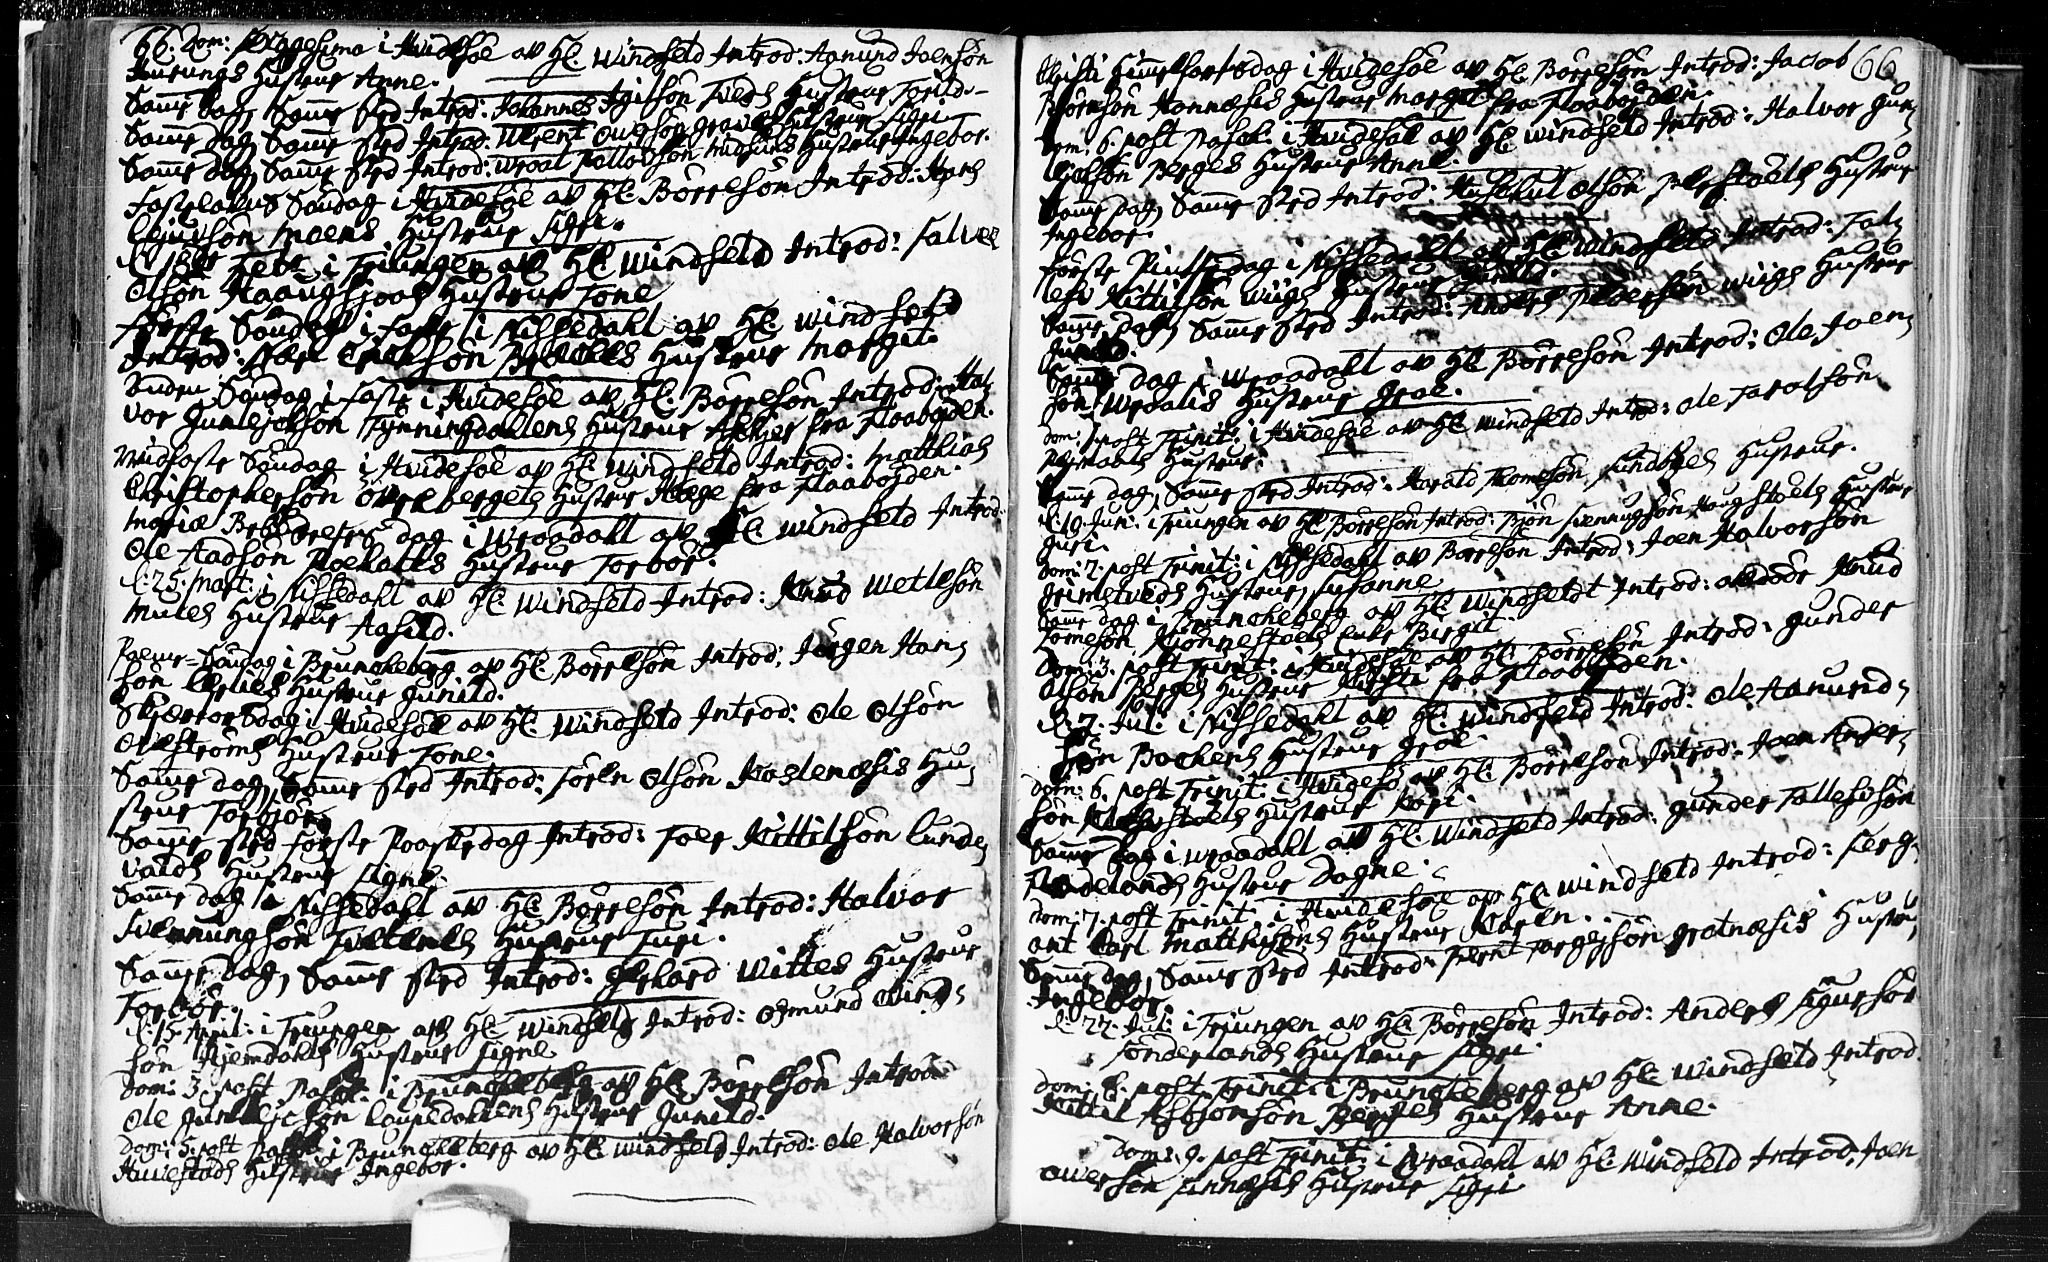 SAKO, Kviteseid kirkebøker, F/Fa/L0002: Ministerialbok nr. I 2, 1773-1786, s. 66